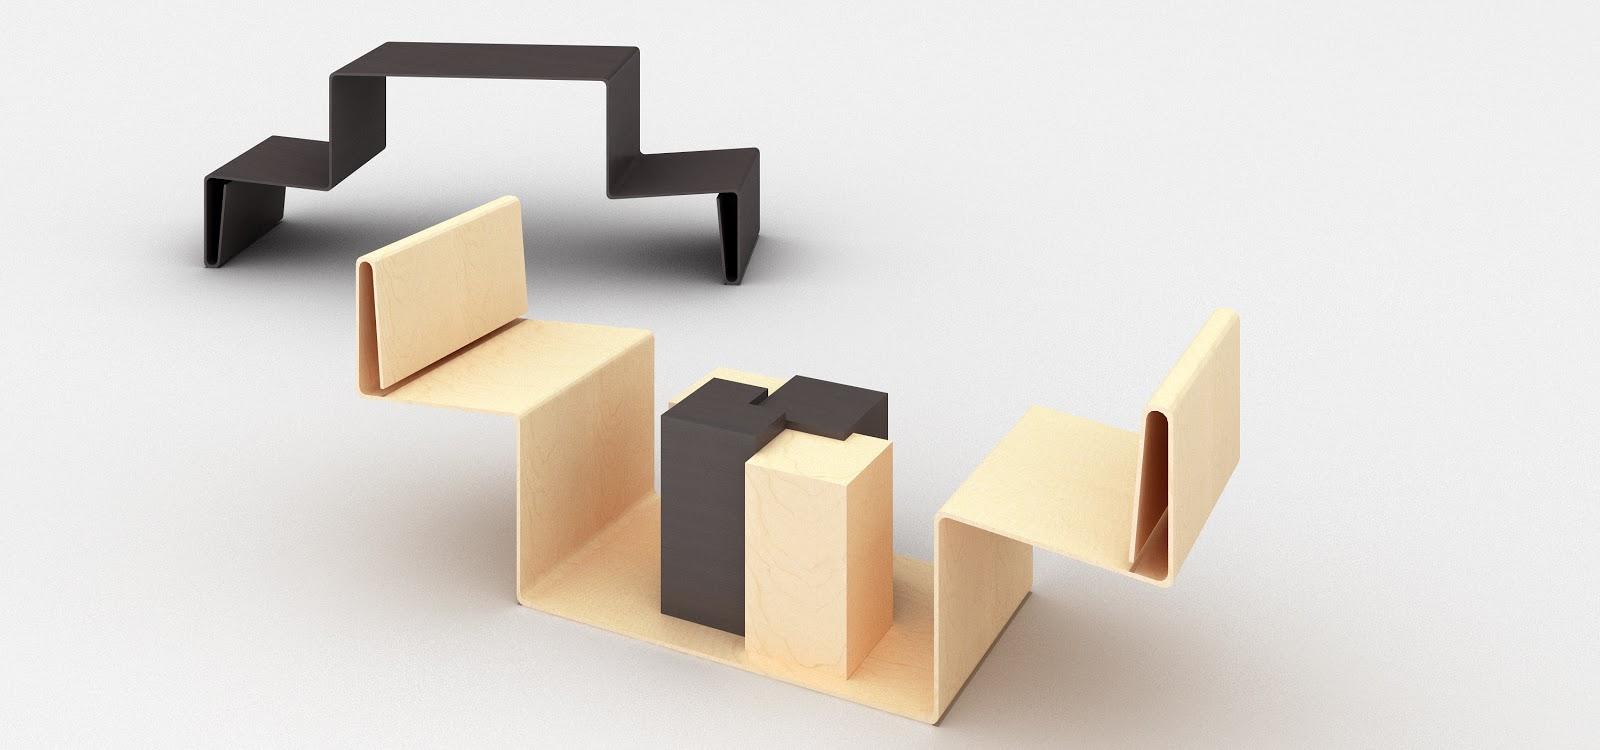 Manuel cuesta dise ador de interiores proyecto para for Silla que se convierte en mesa